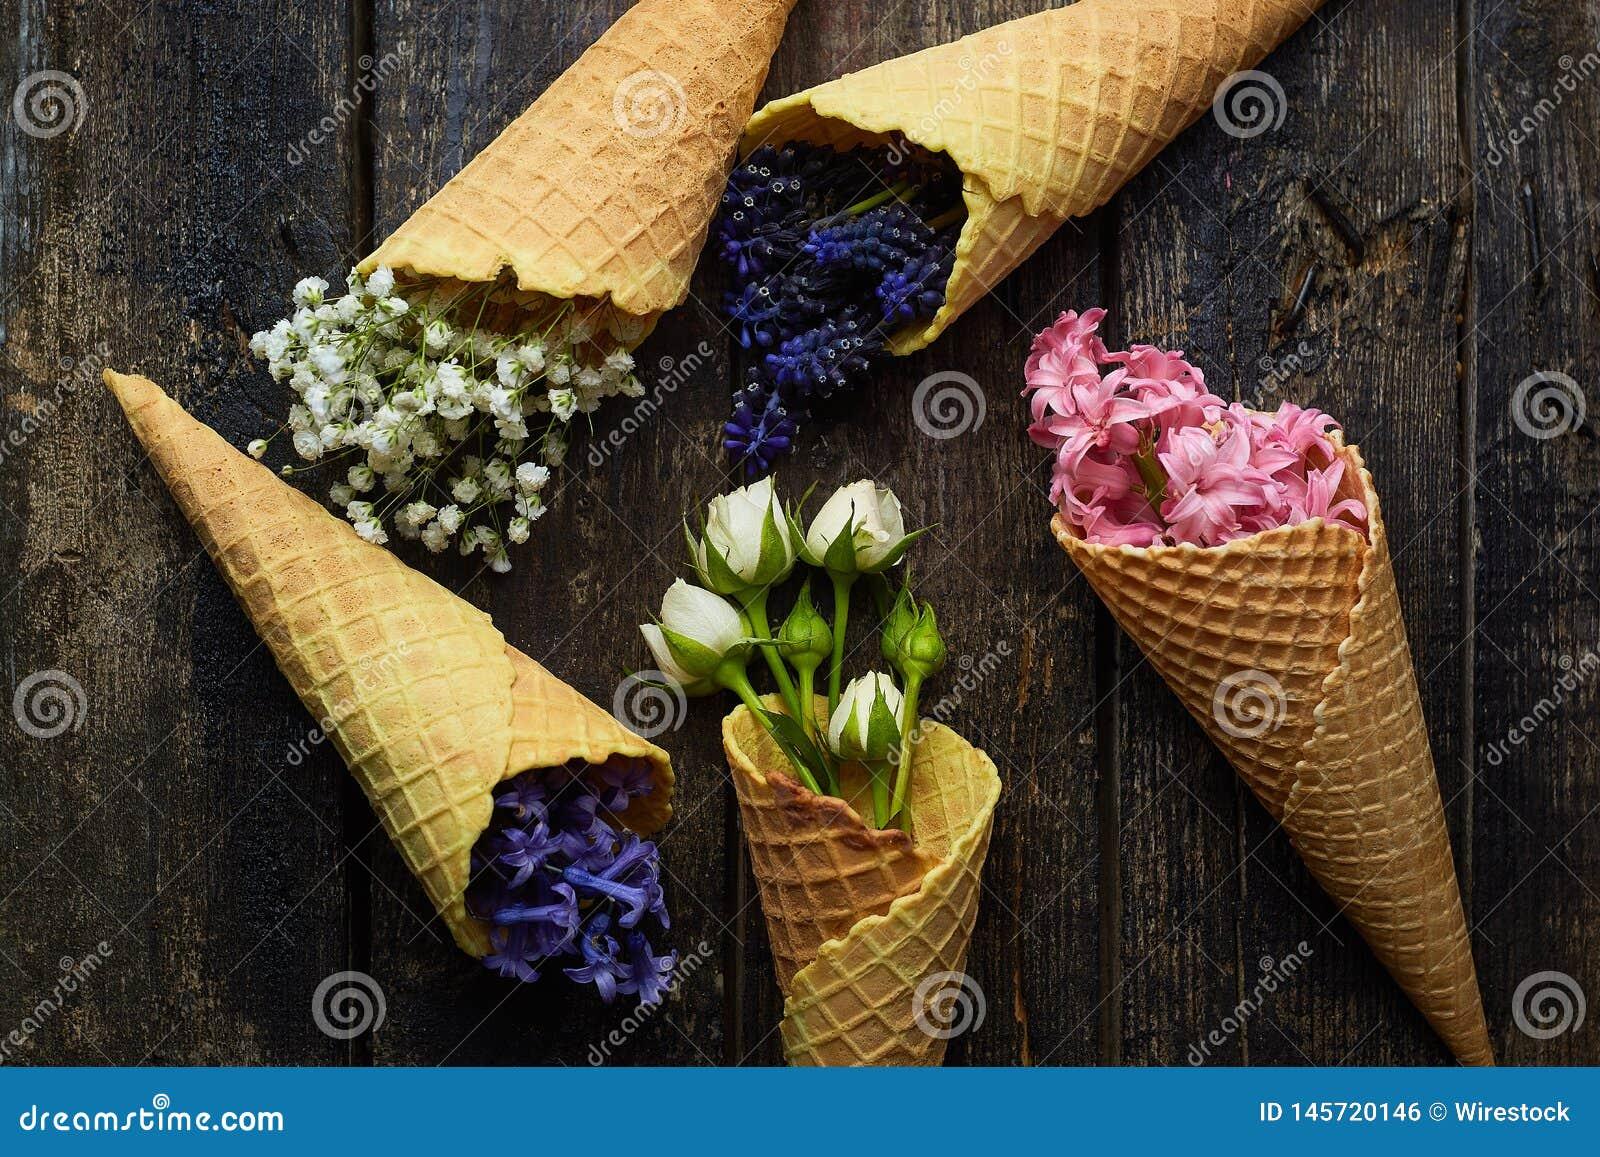 Gofry dla lody z kwiatami